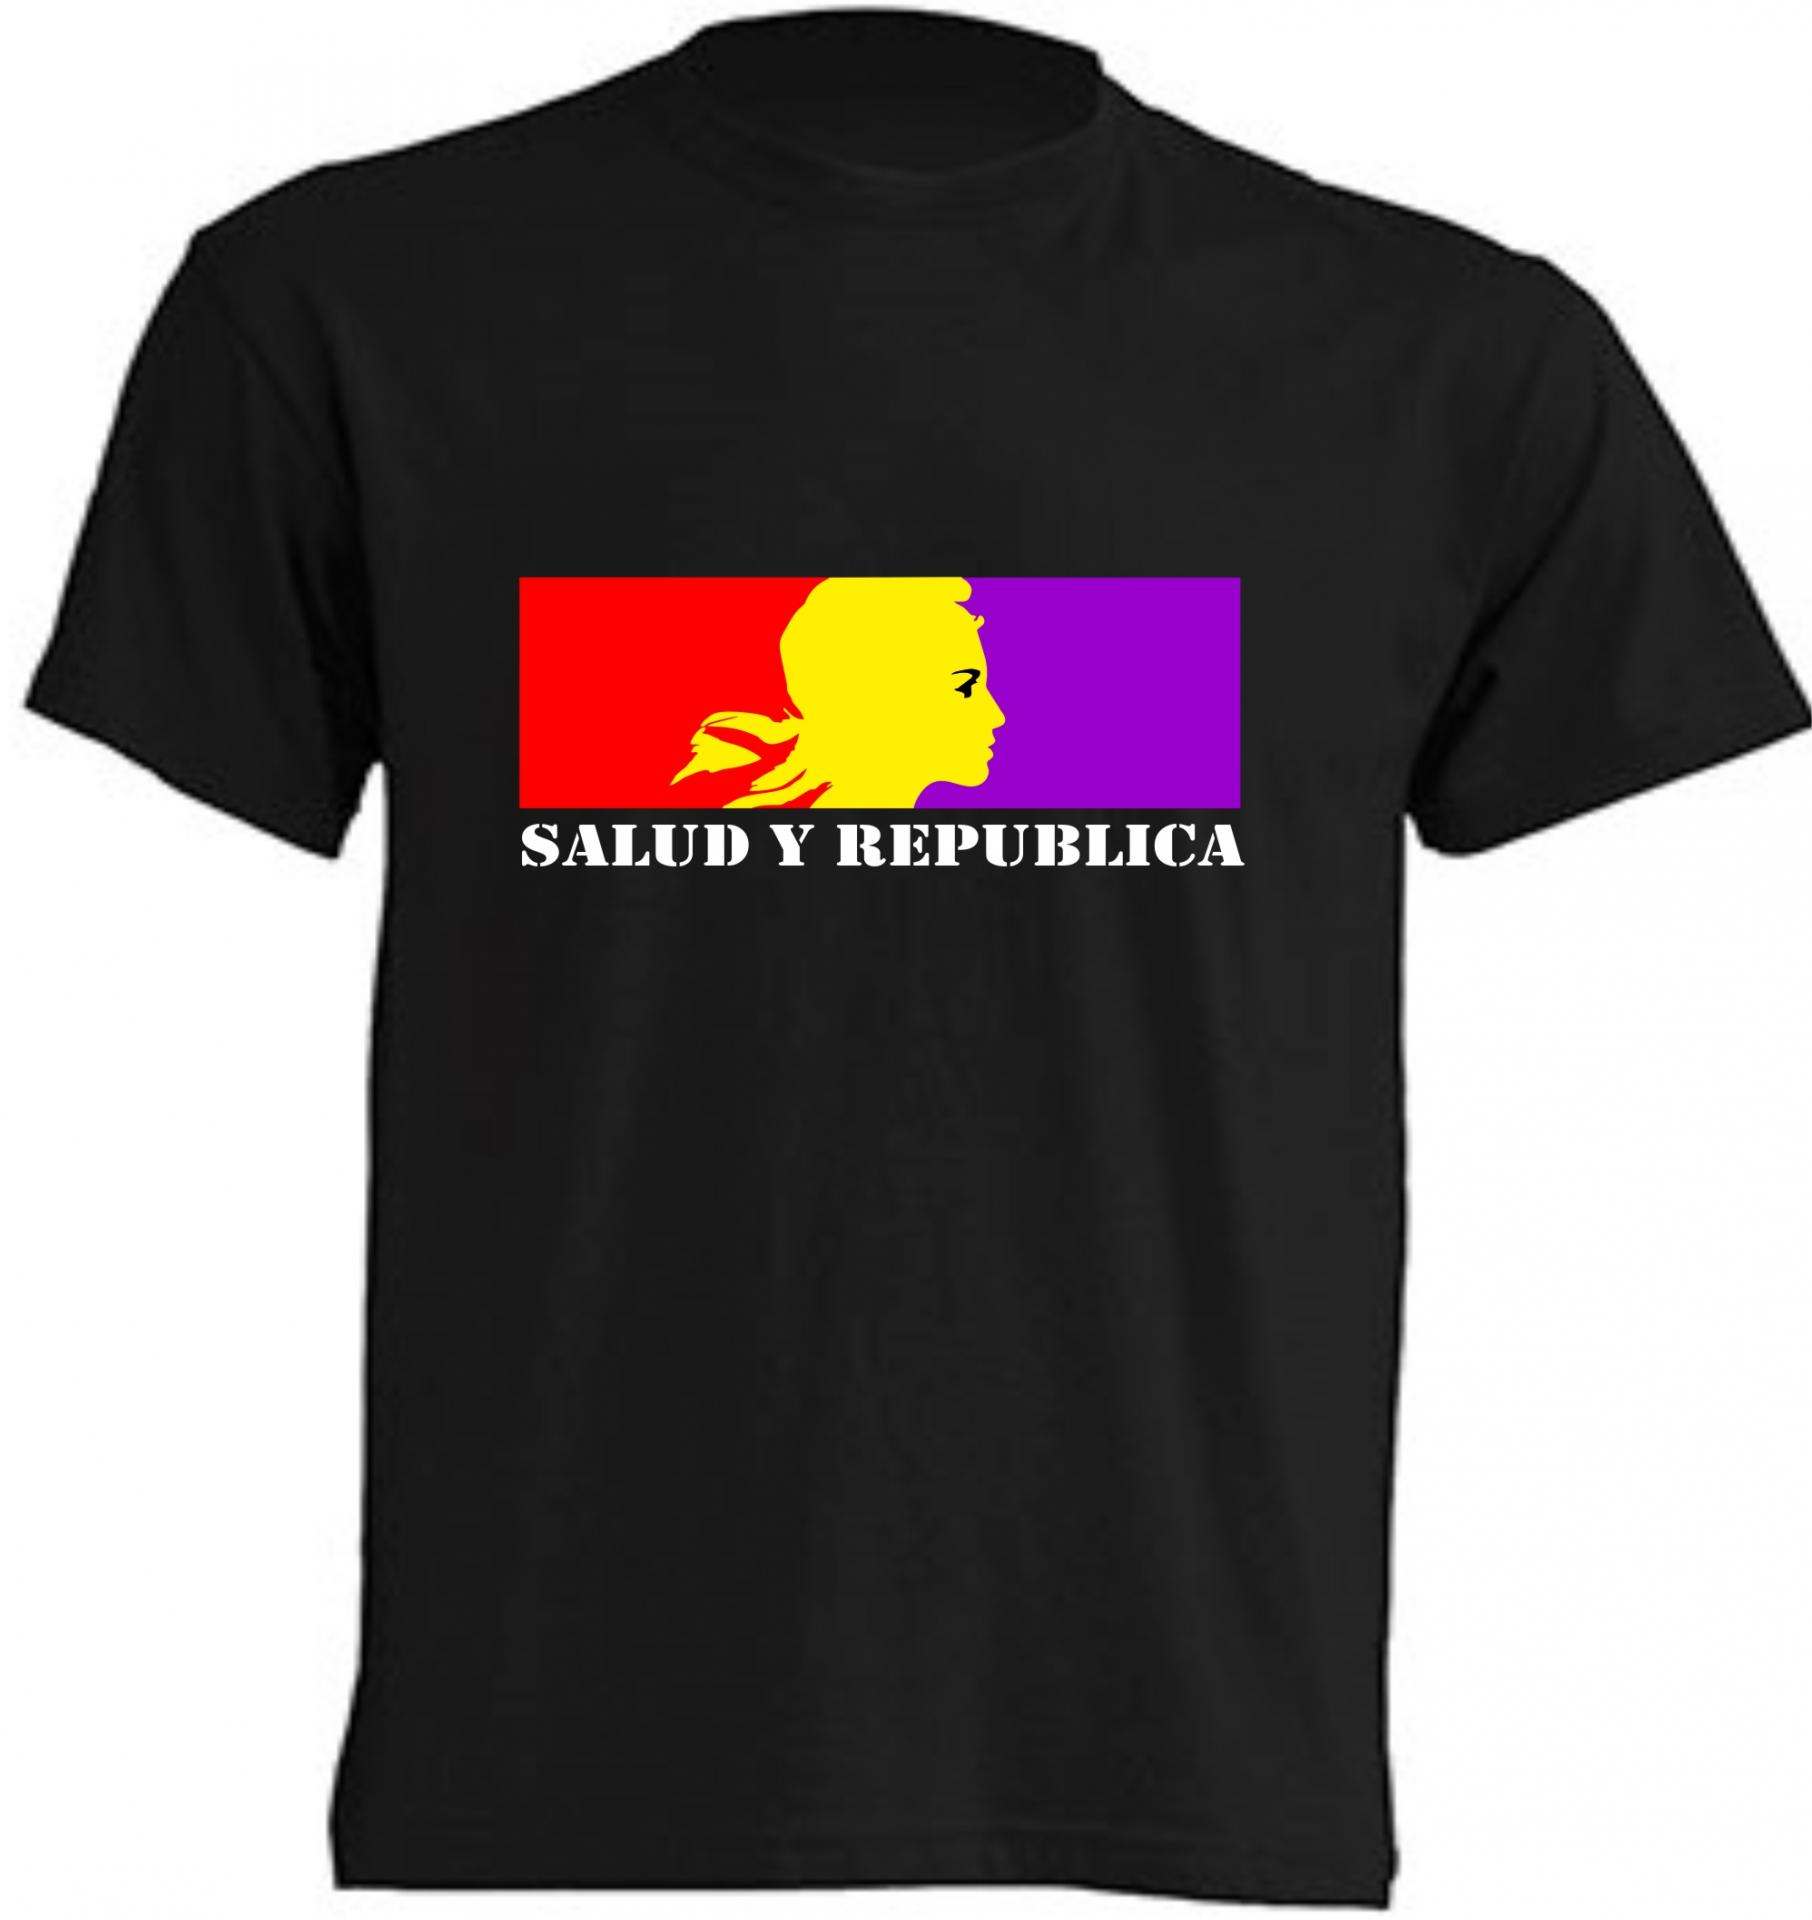 CAMISETA SALUD Y REPUBLICA